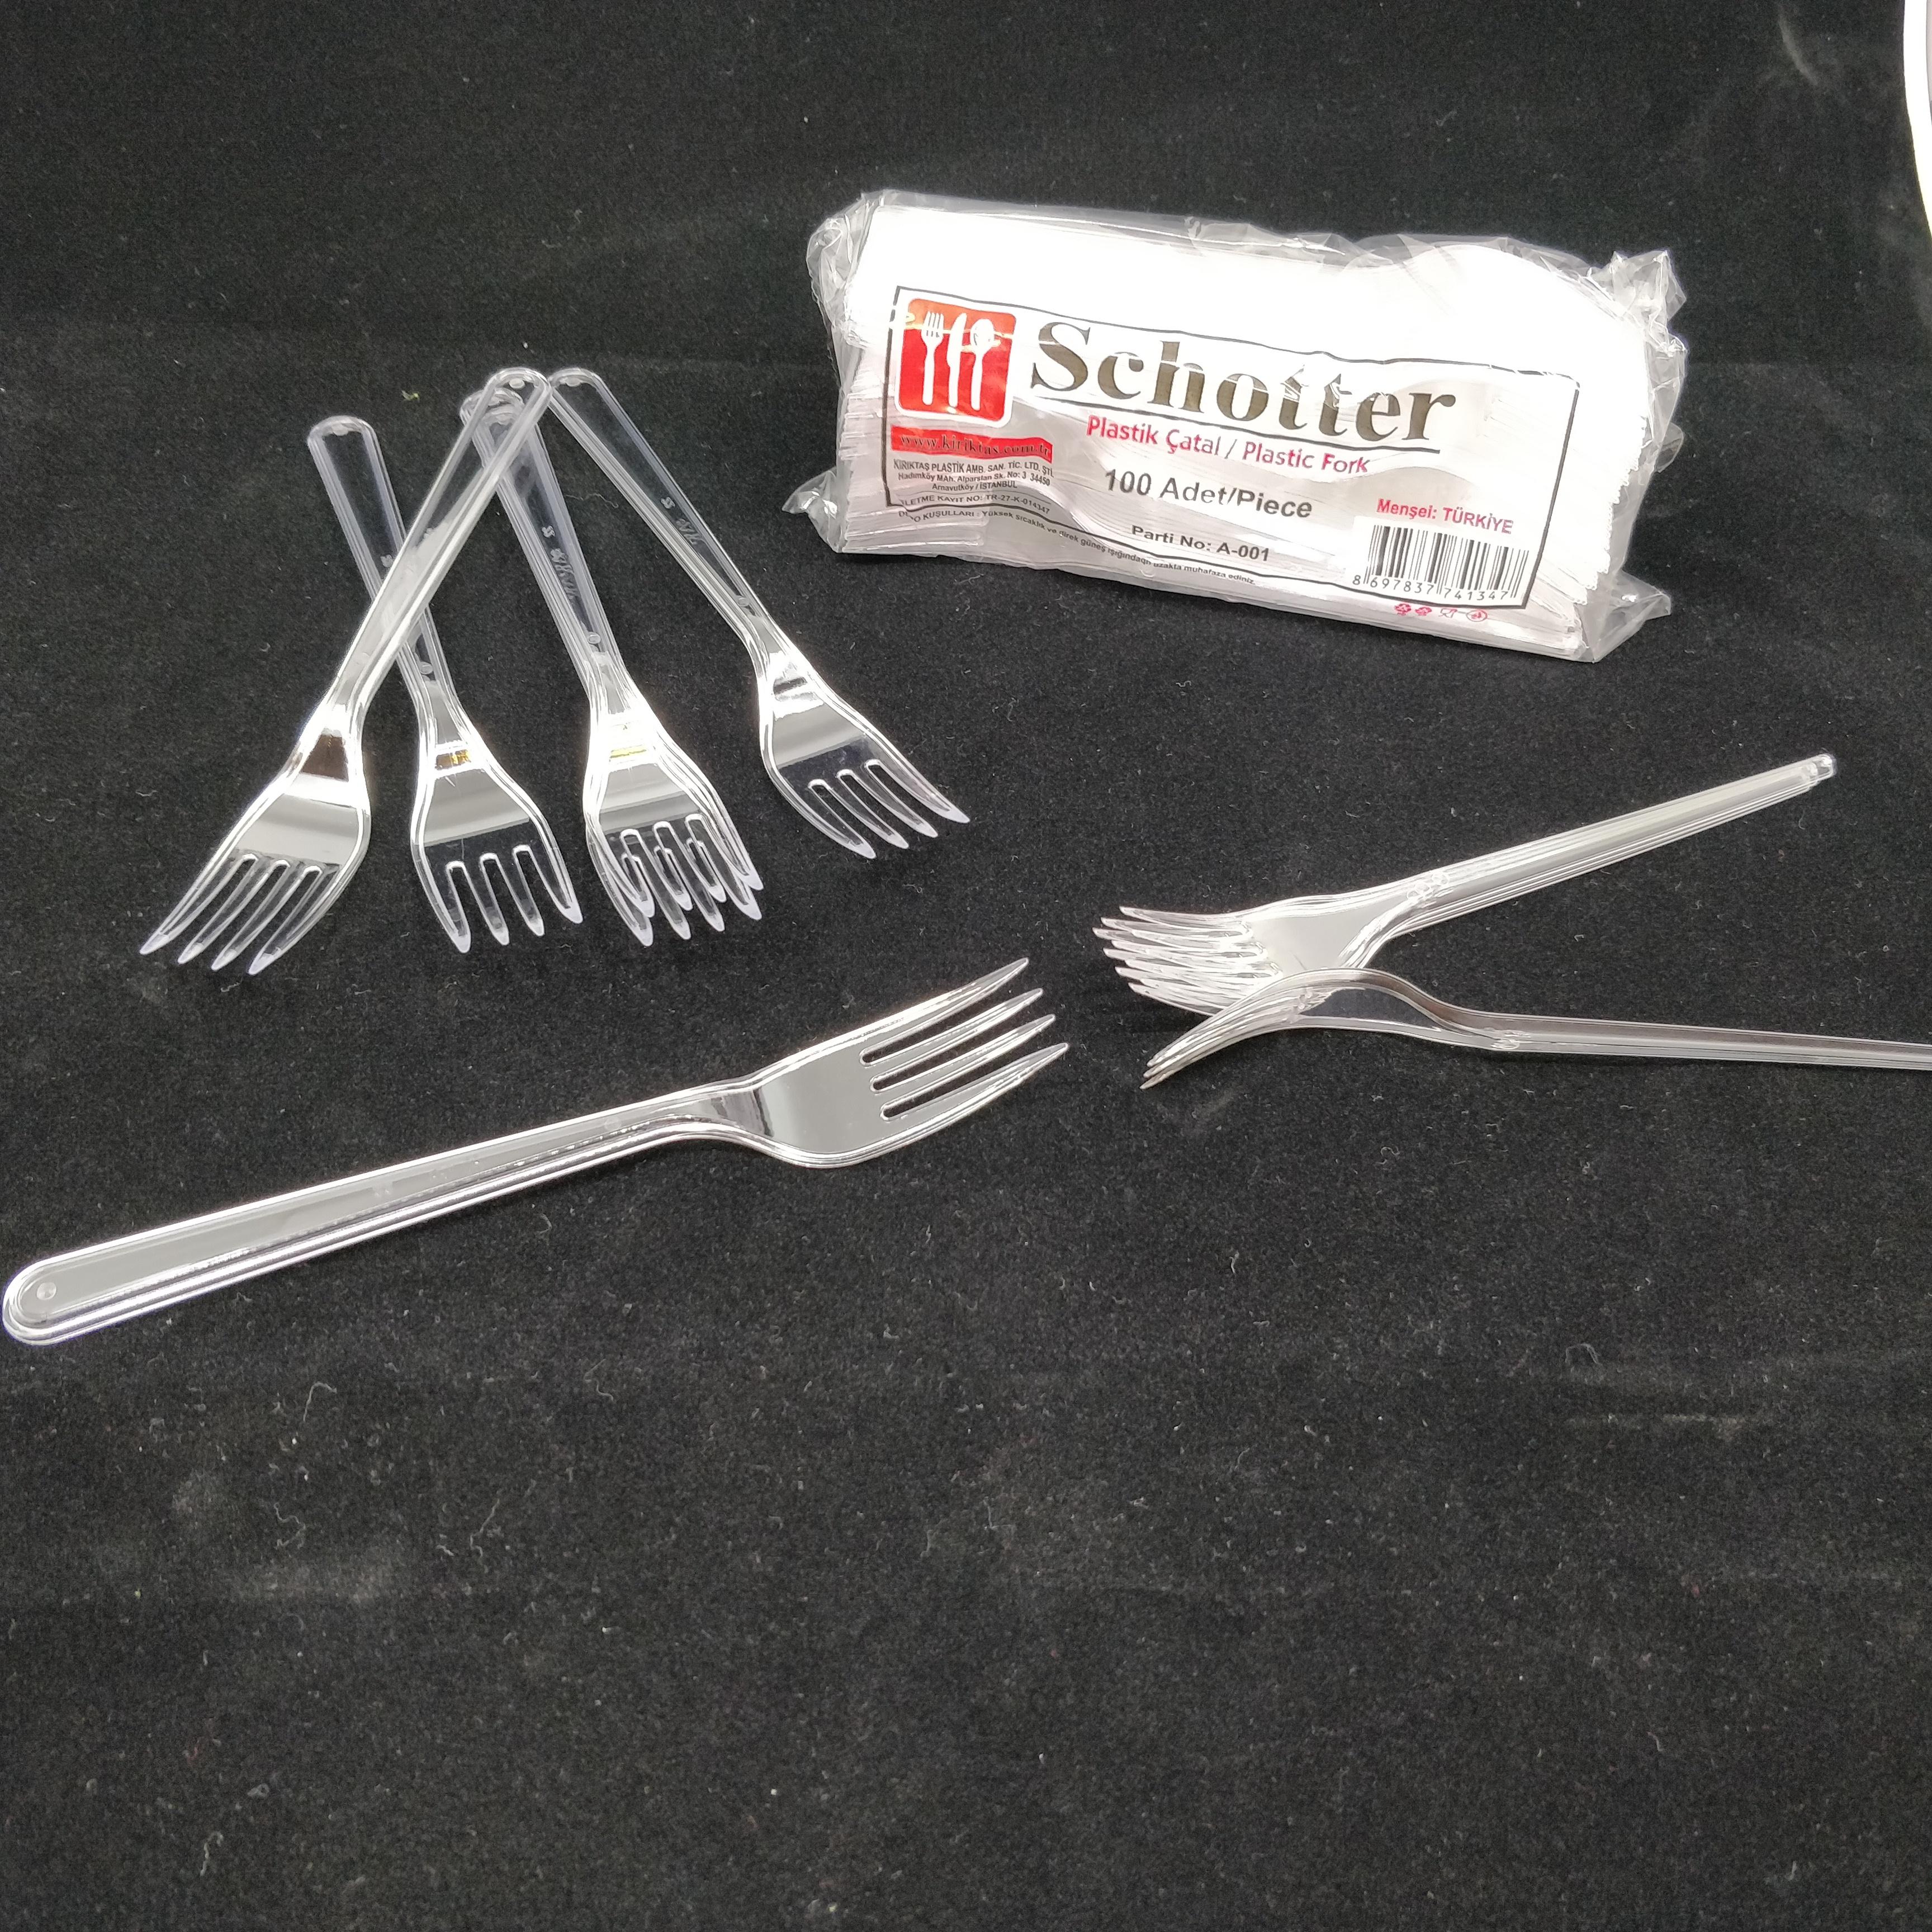 Fourchette en plastique à usage unique